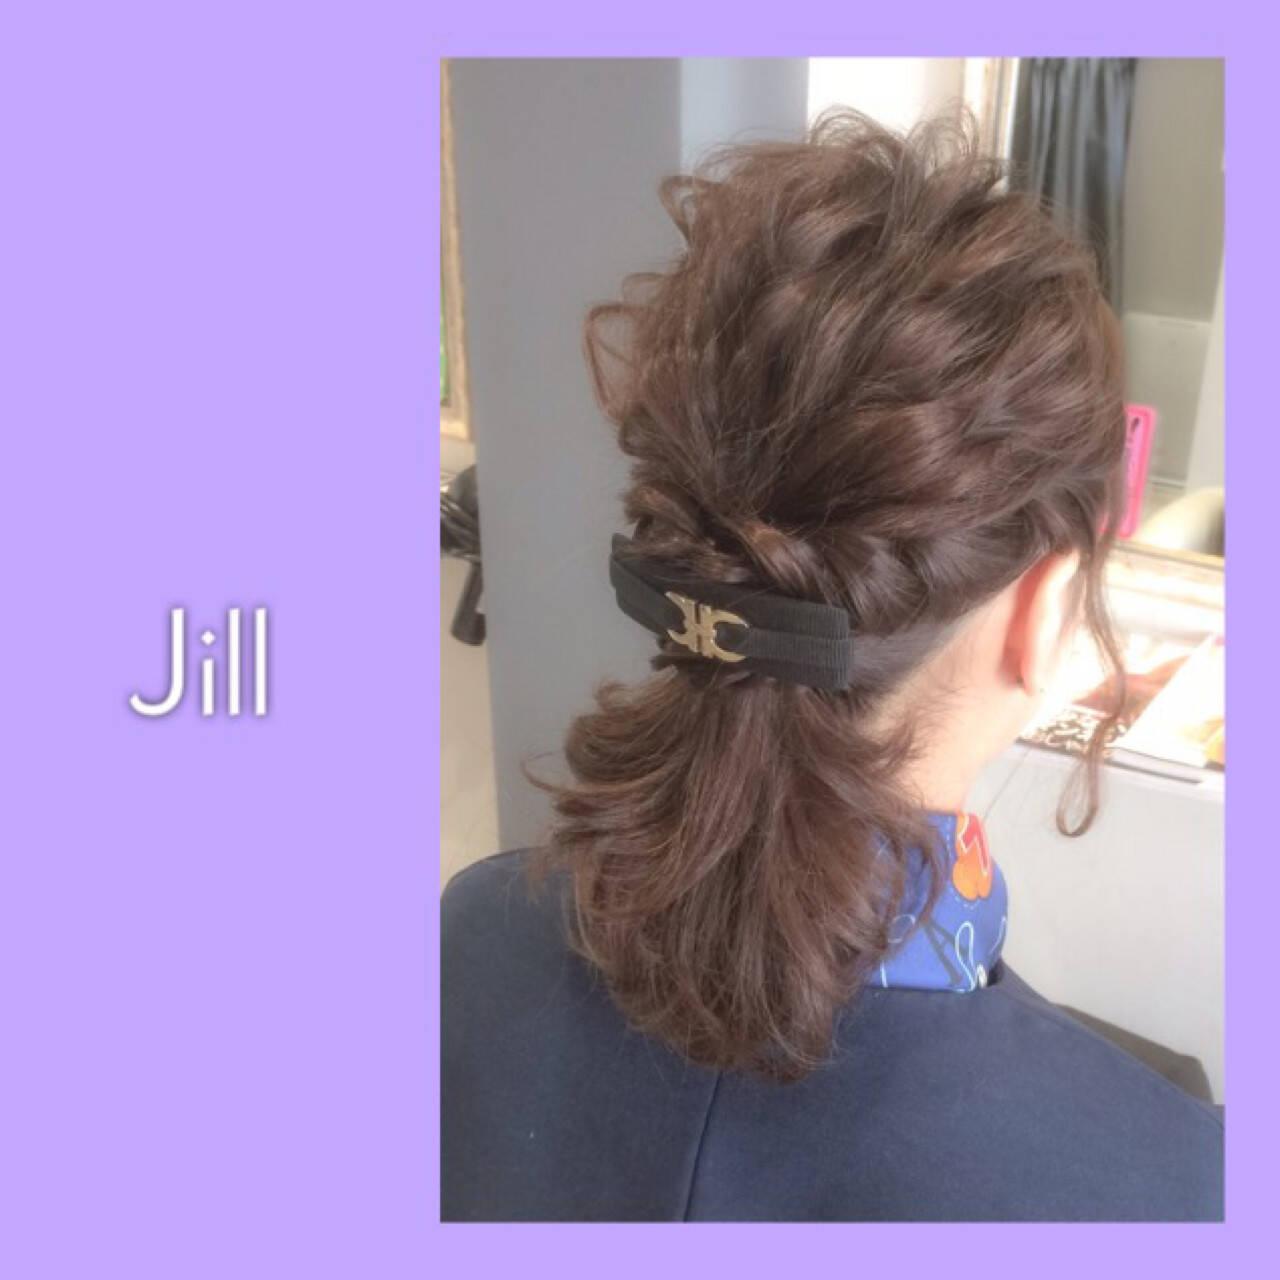 ヘアアクセ ハーフアップ ヘアアレンジ バレッタヘアスタイルや髪型の写真・画像